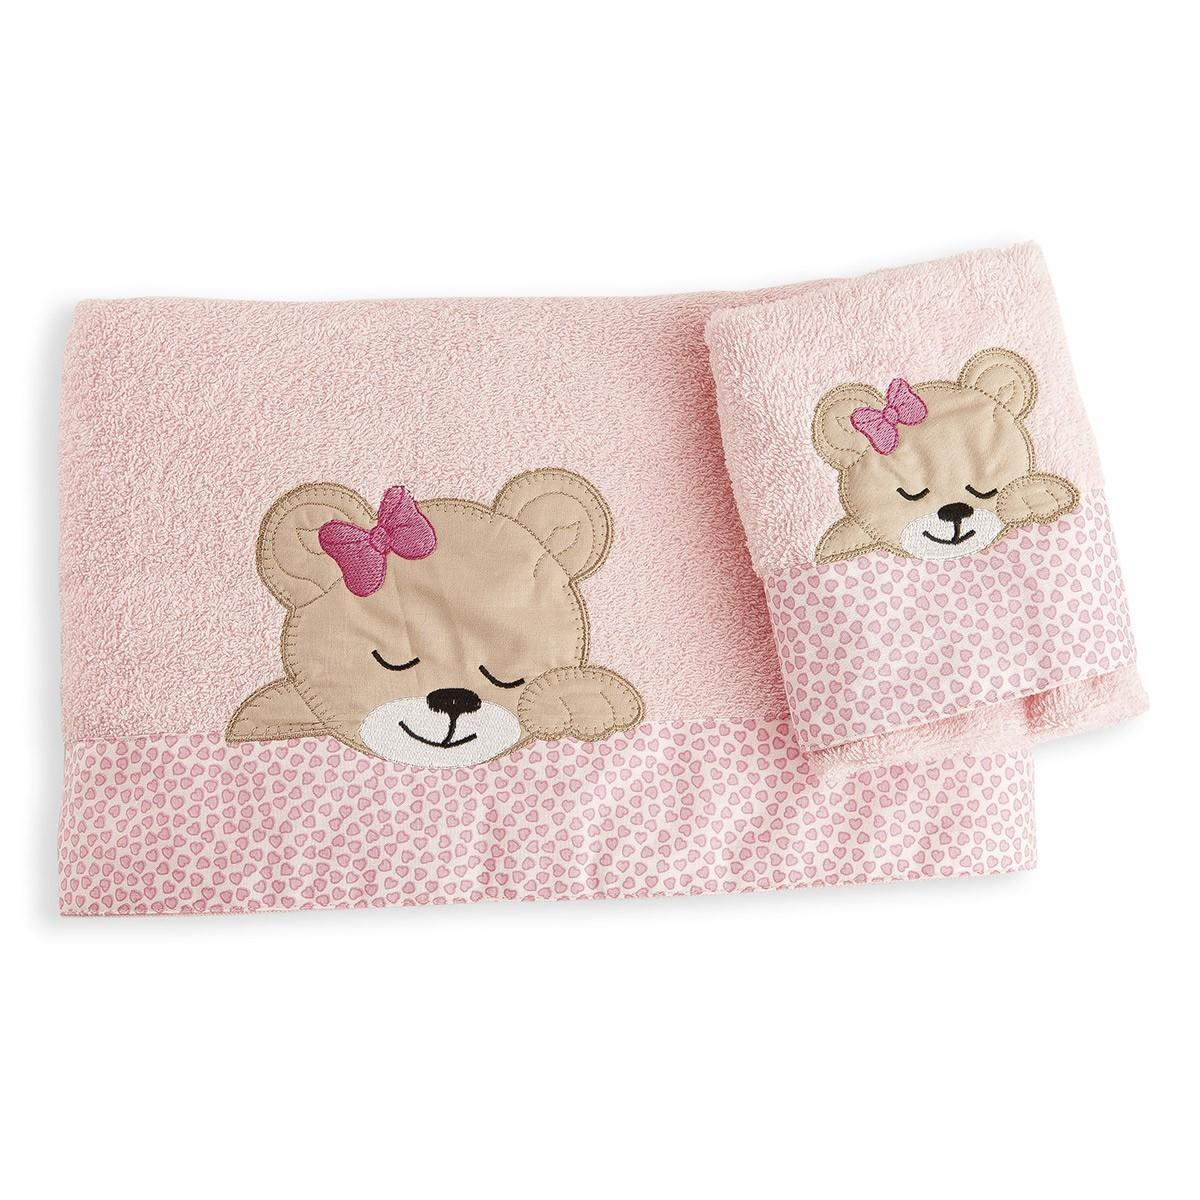 Βρεφικές Πετσέτες (Σετ 2τμχ) Dim Collection Sleeping Bear Cub 14